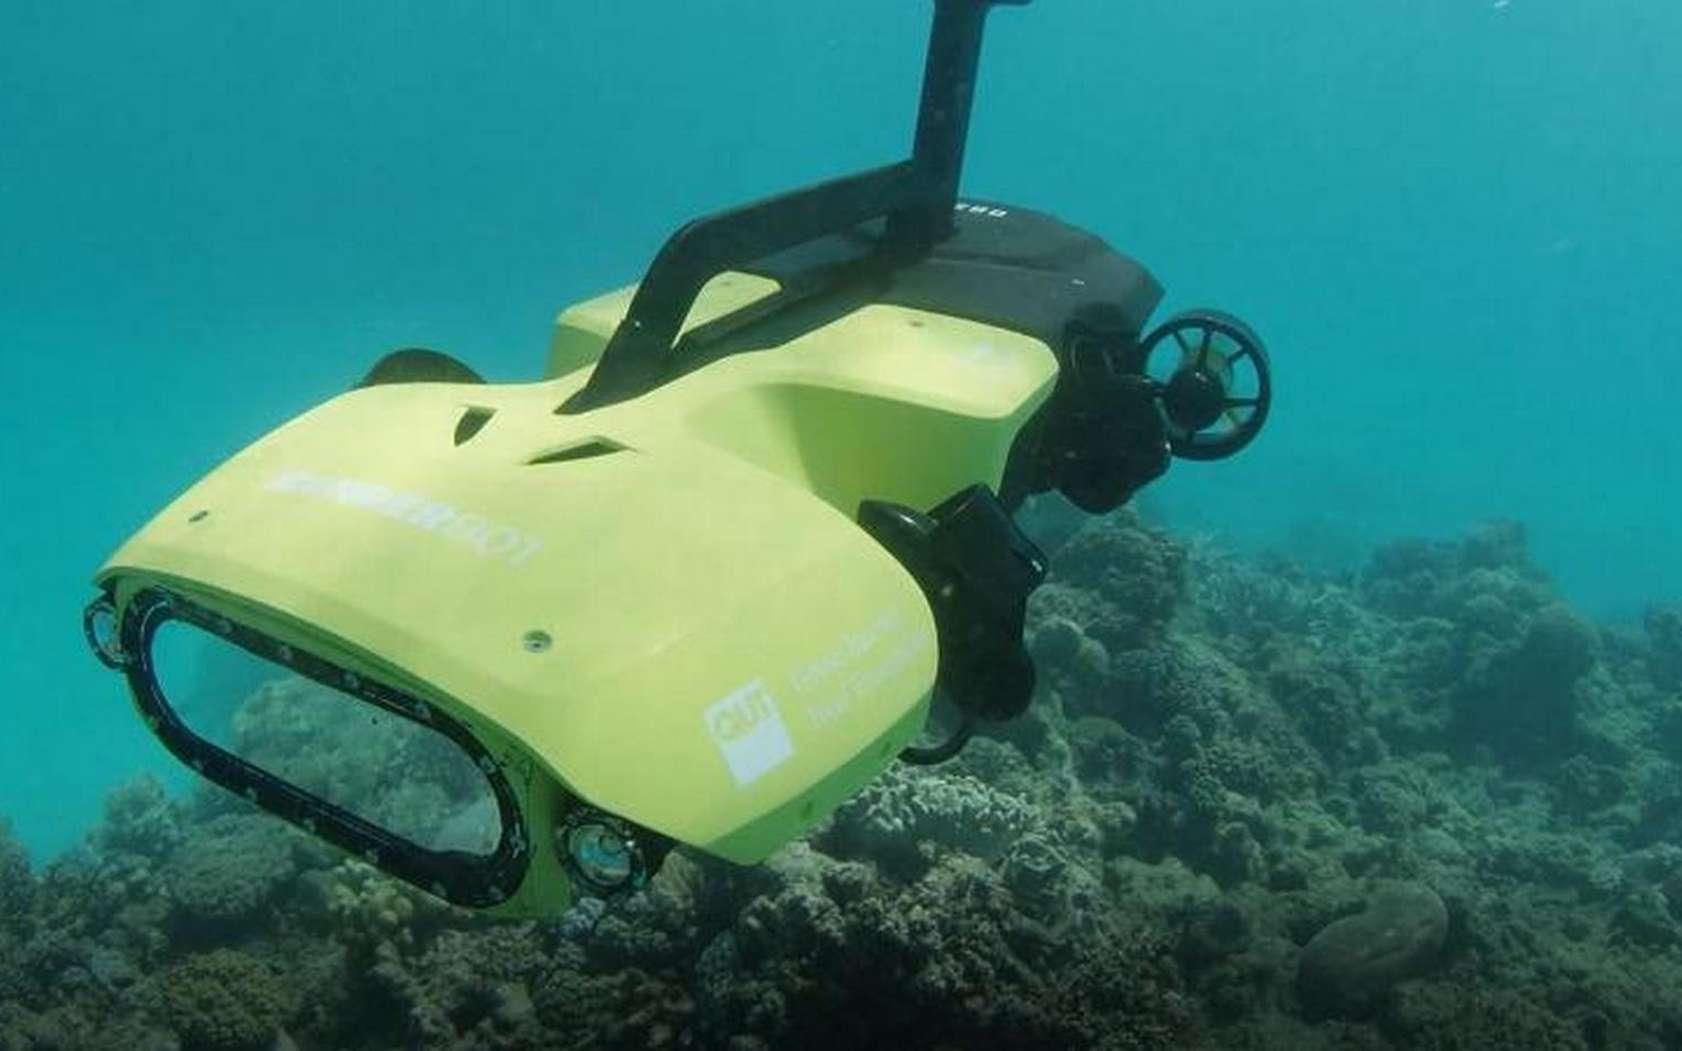 Le RangerBot a été conçu pour être peu onéreux à fabriquer afin de favoriser son déploiement à grande échelle. © Queensland University of Technology